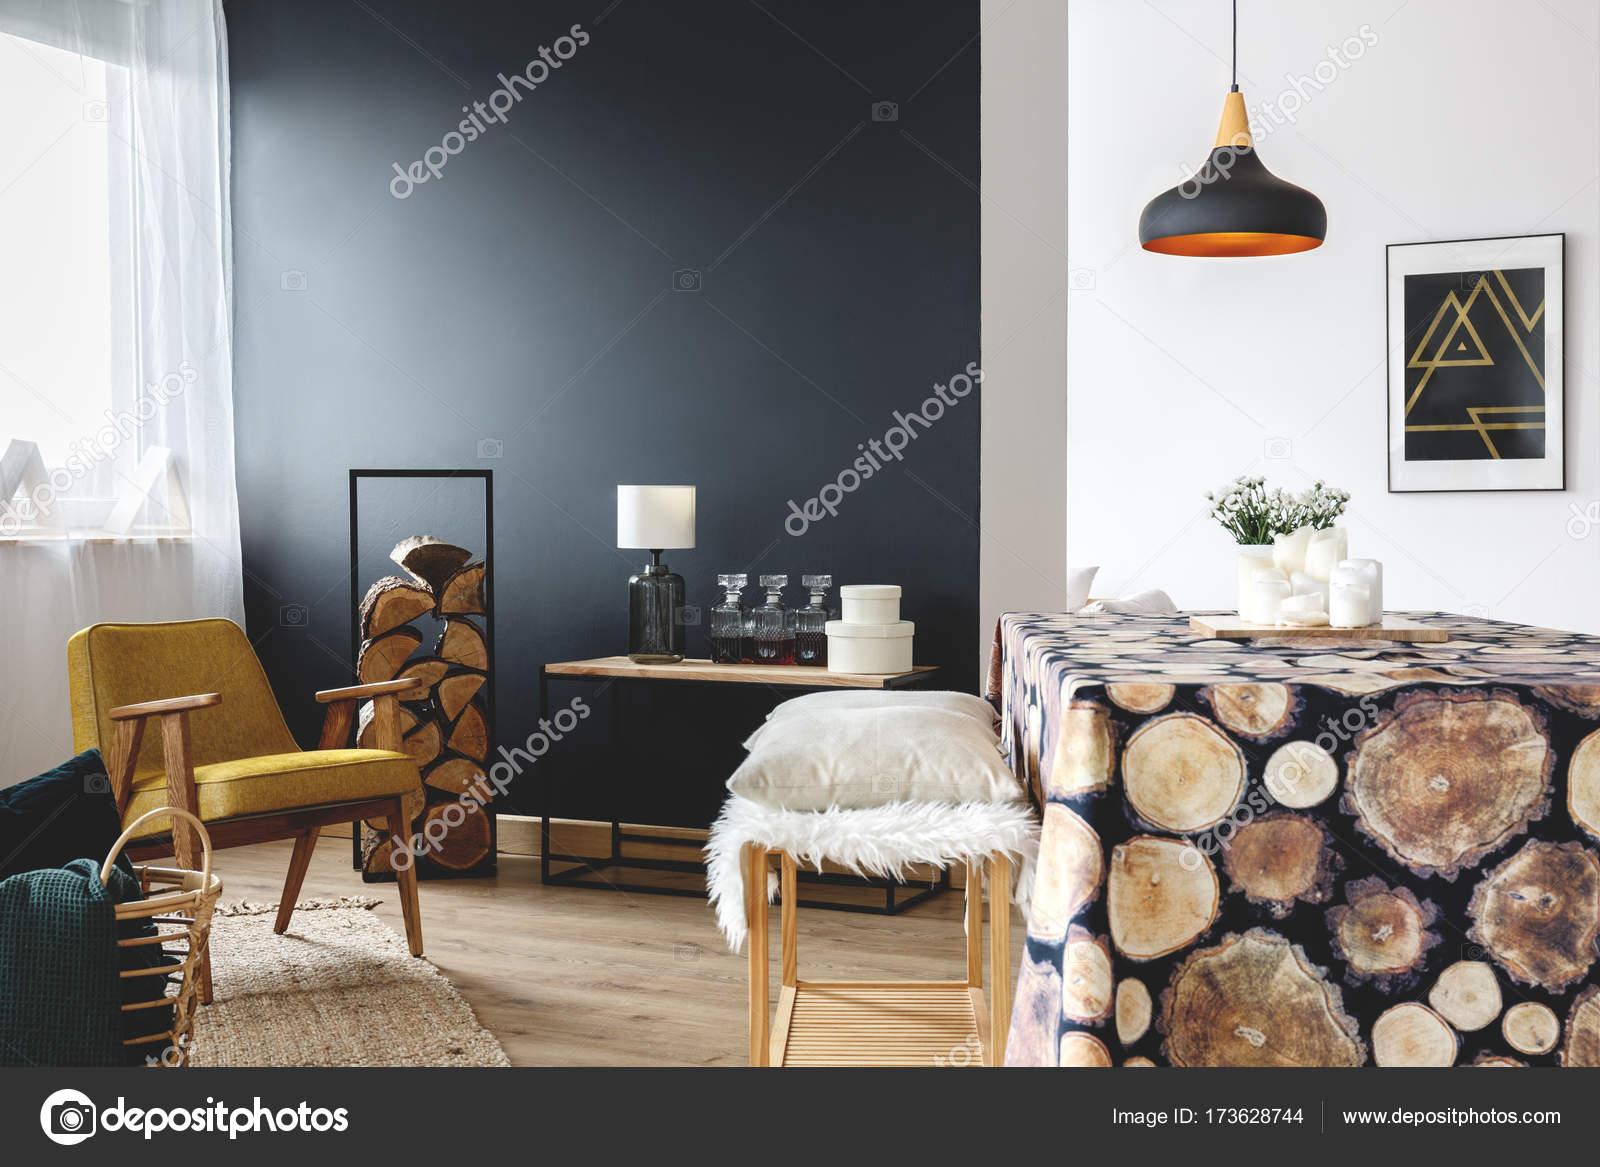 Eetkamer met hout decoratie u stockfoto photographee eu